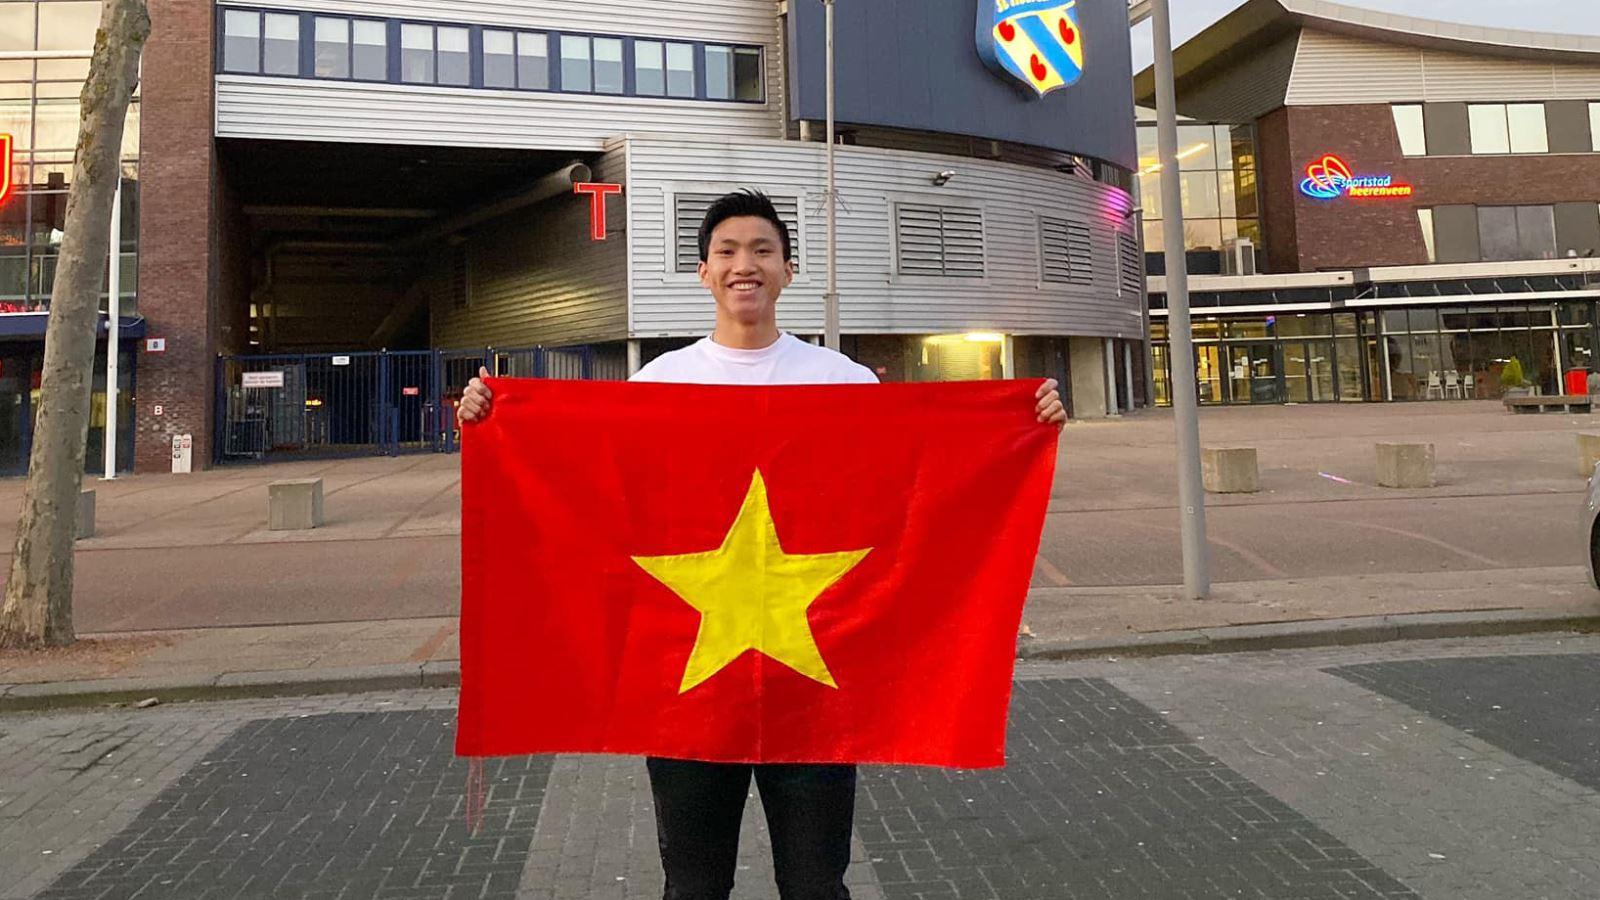 Bóng đá Việt Nam hôm nay: Văn Hậu kêu gọi CĐV đồng lòng chống COVID-19. UAE muốn chiêu mộ HLV vô địch World Cup